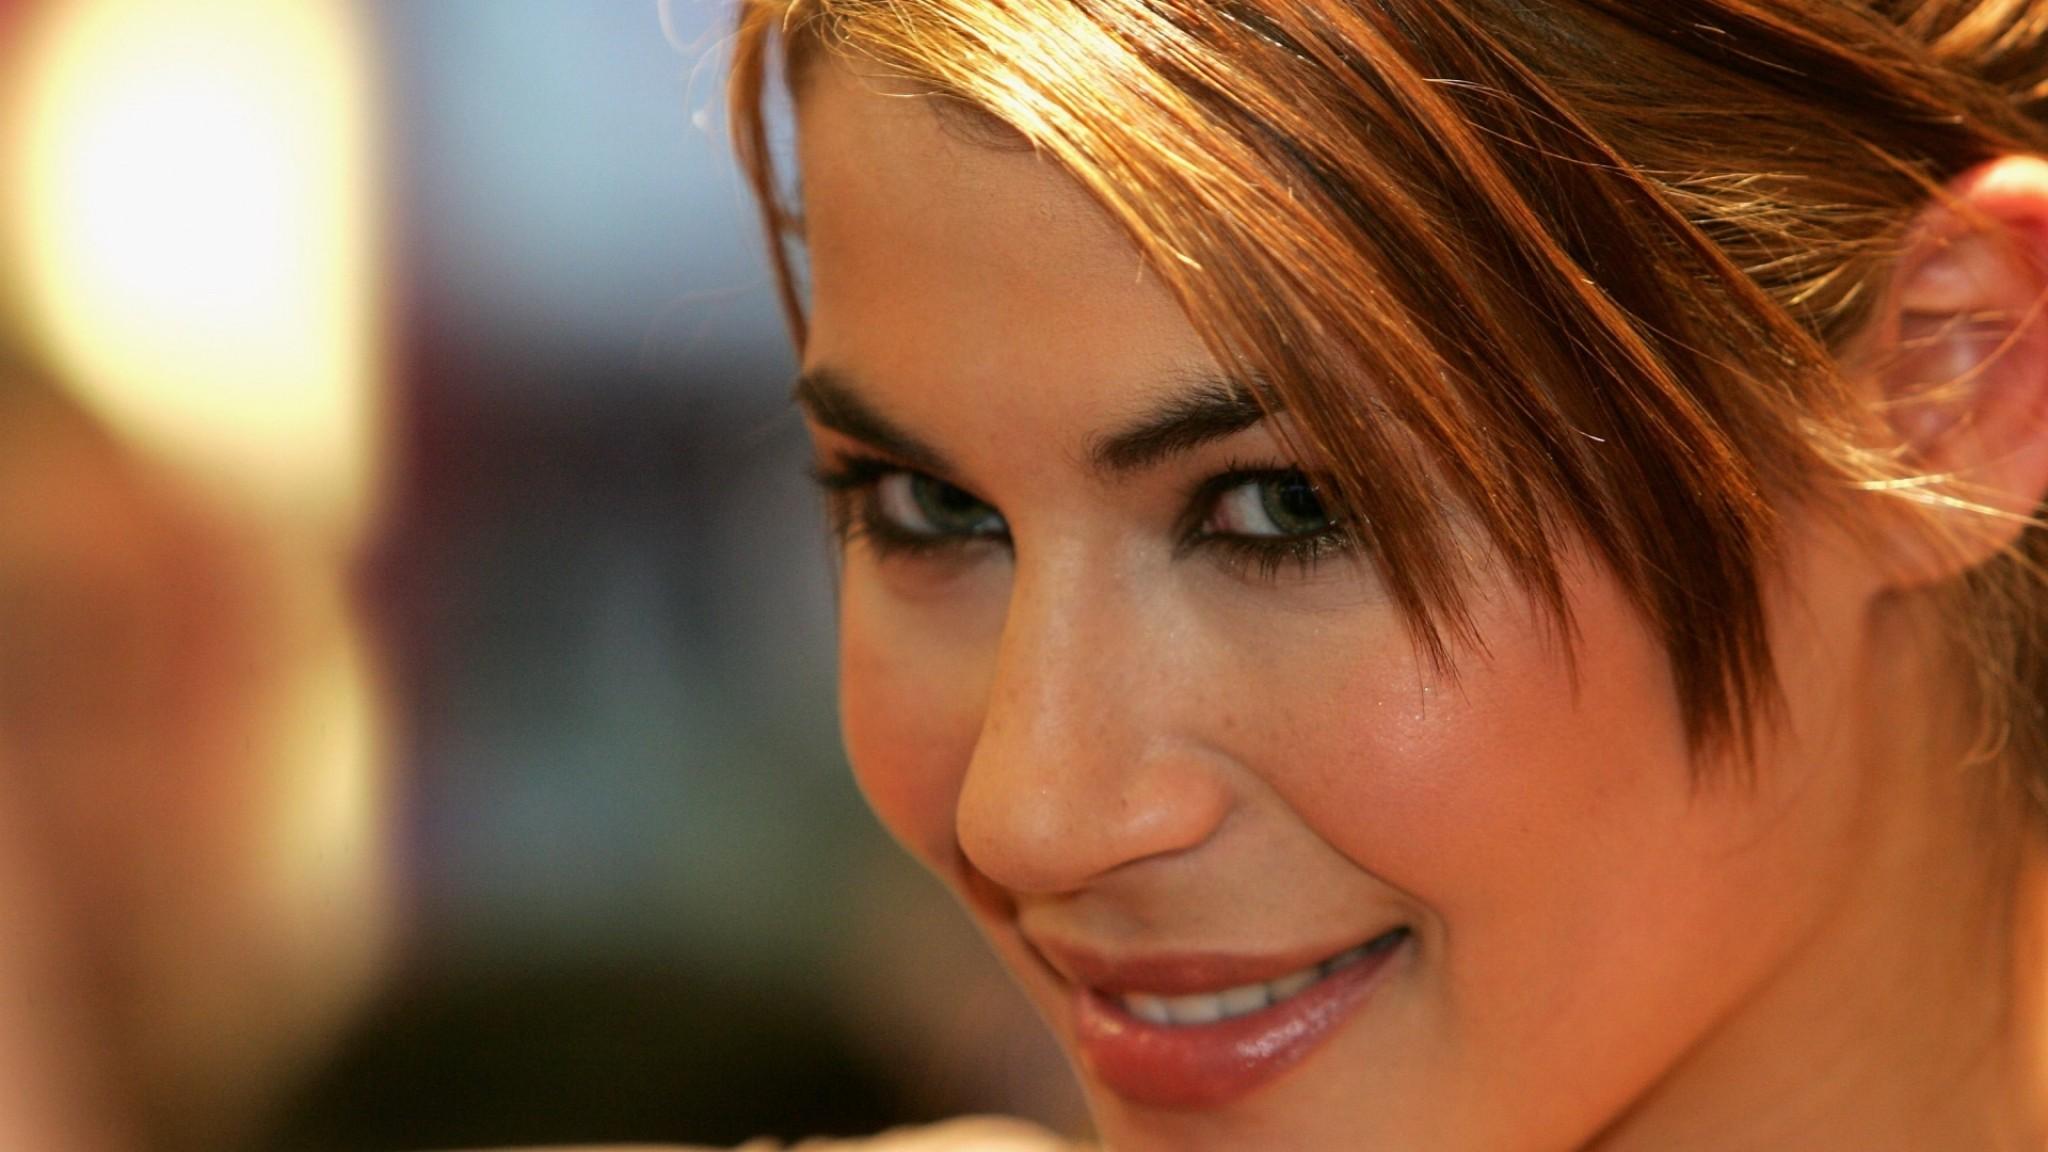 Girls Models Tomb Raider   All  HD Wallpaper